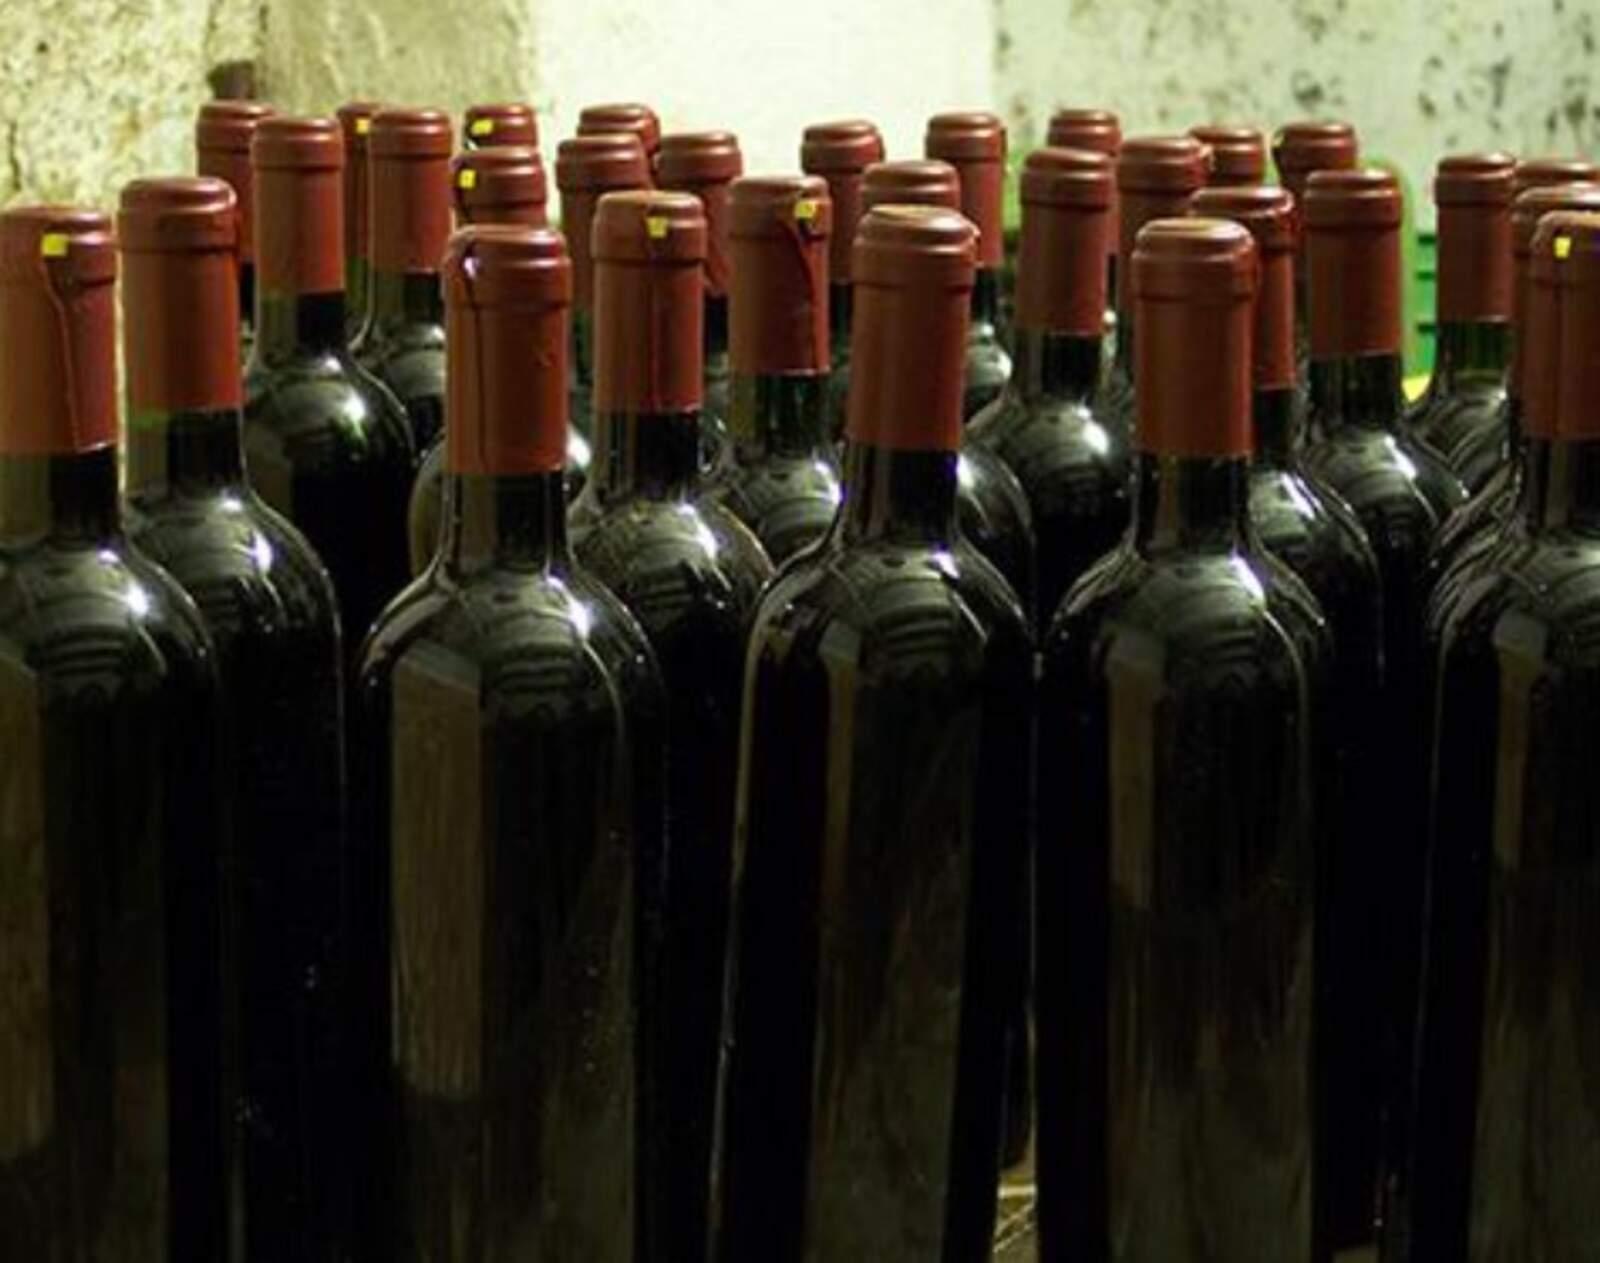 ReWine ha aconseguit reutilitzar fins a 80.000 ampolles de vi a Catalunya